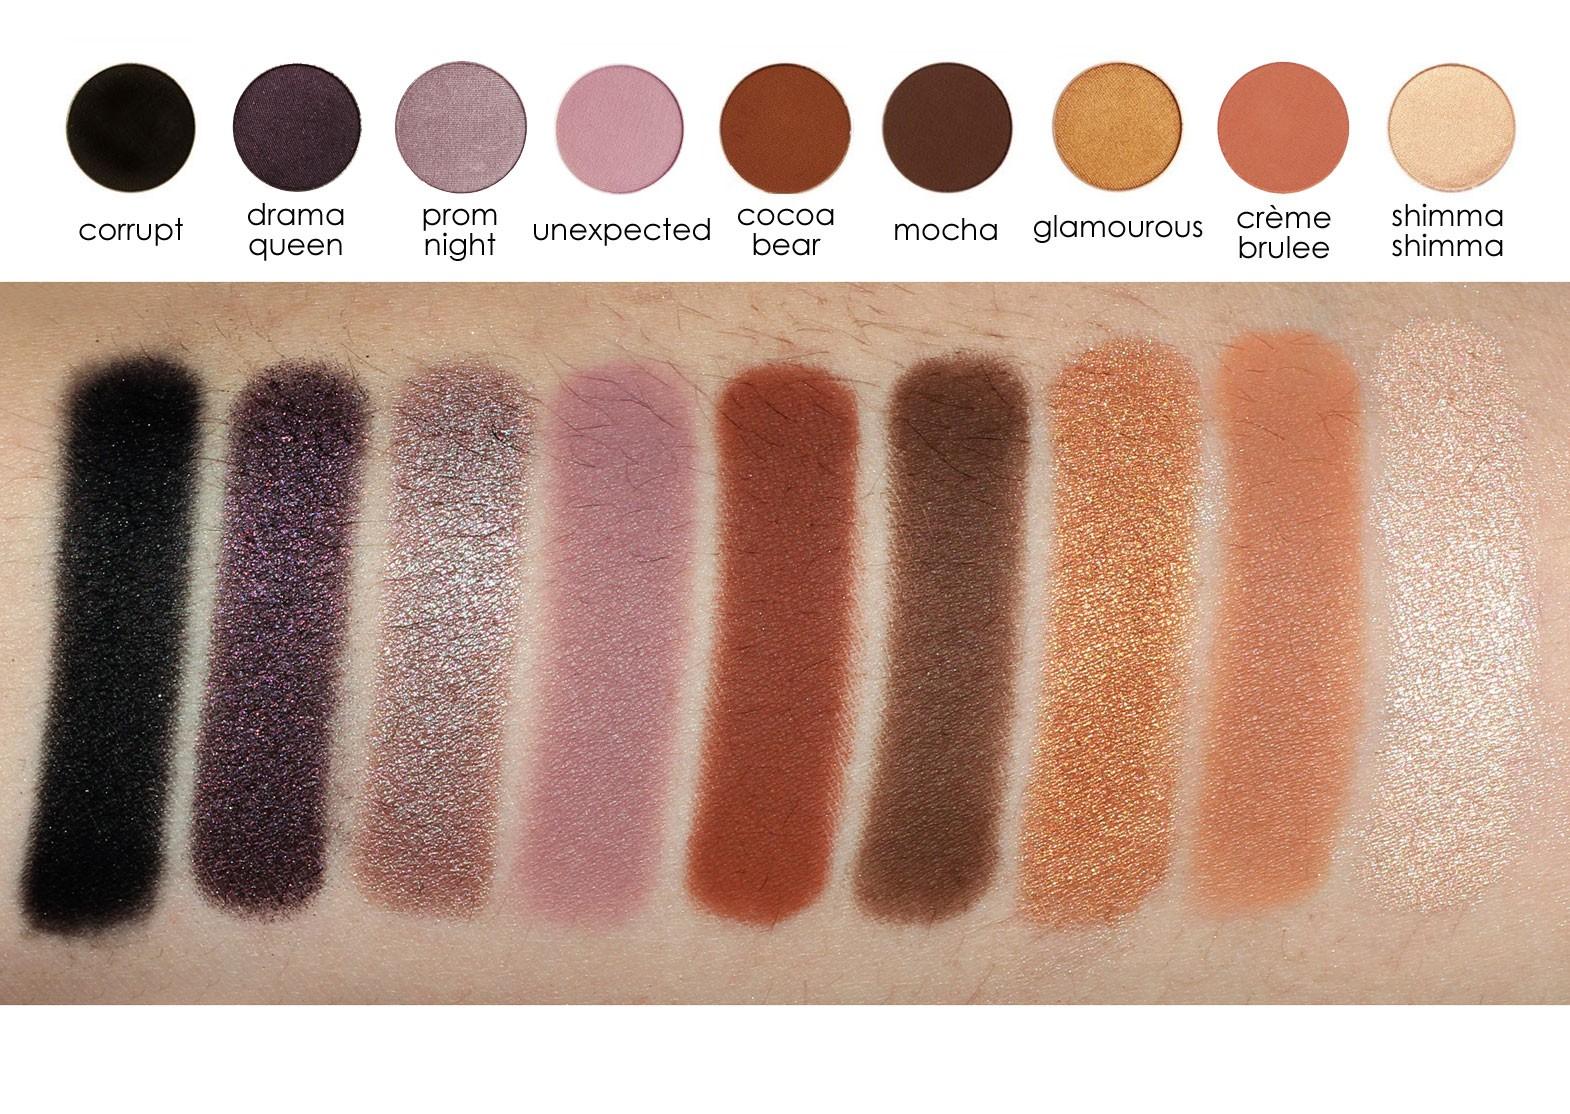 Pressed Eyeshadow Pan by Makeup Geek #22